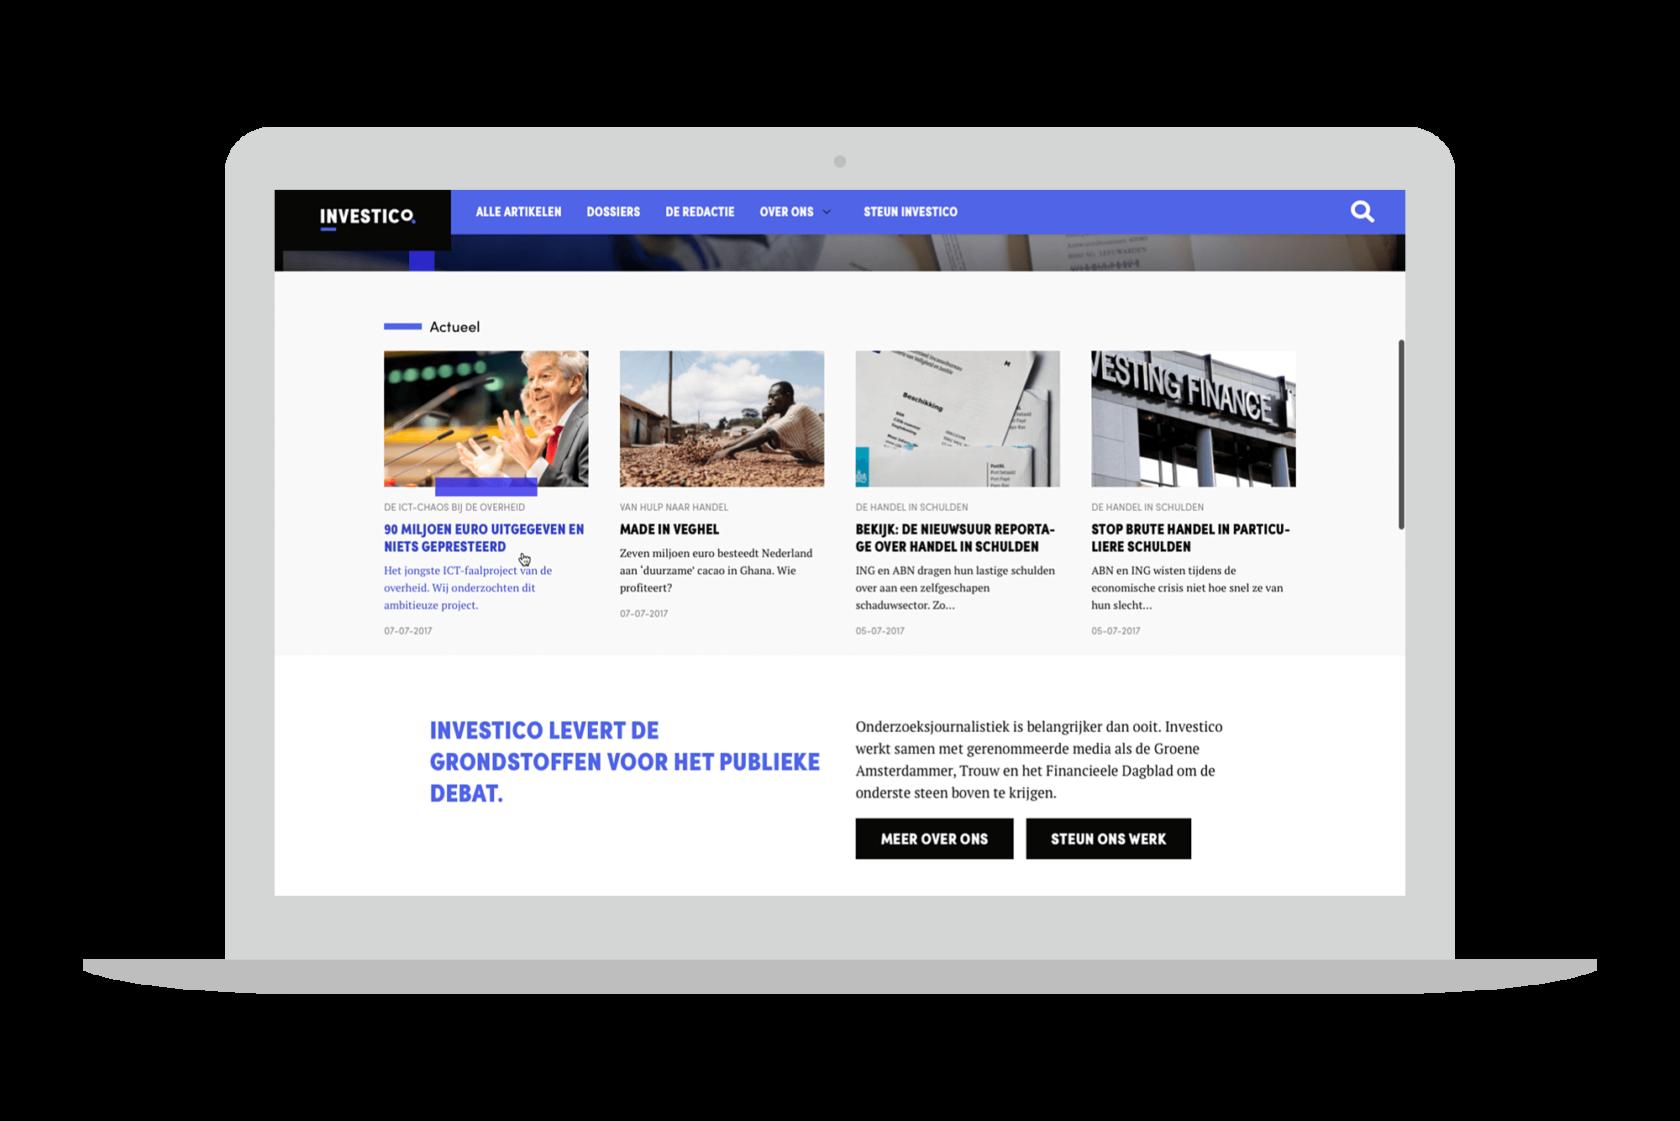 Die Website von Platform Investico, geöffnet auf einem laptop